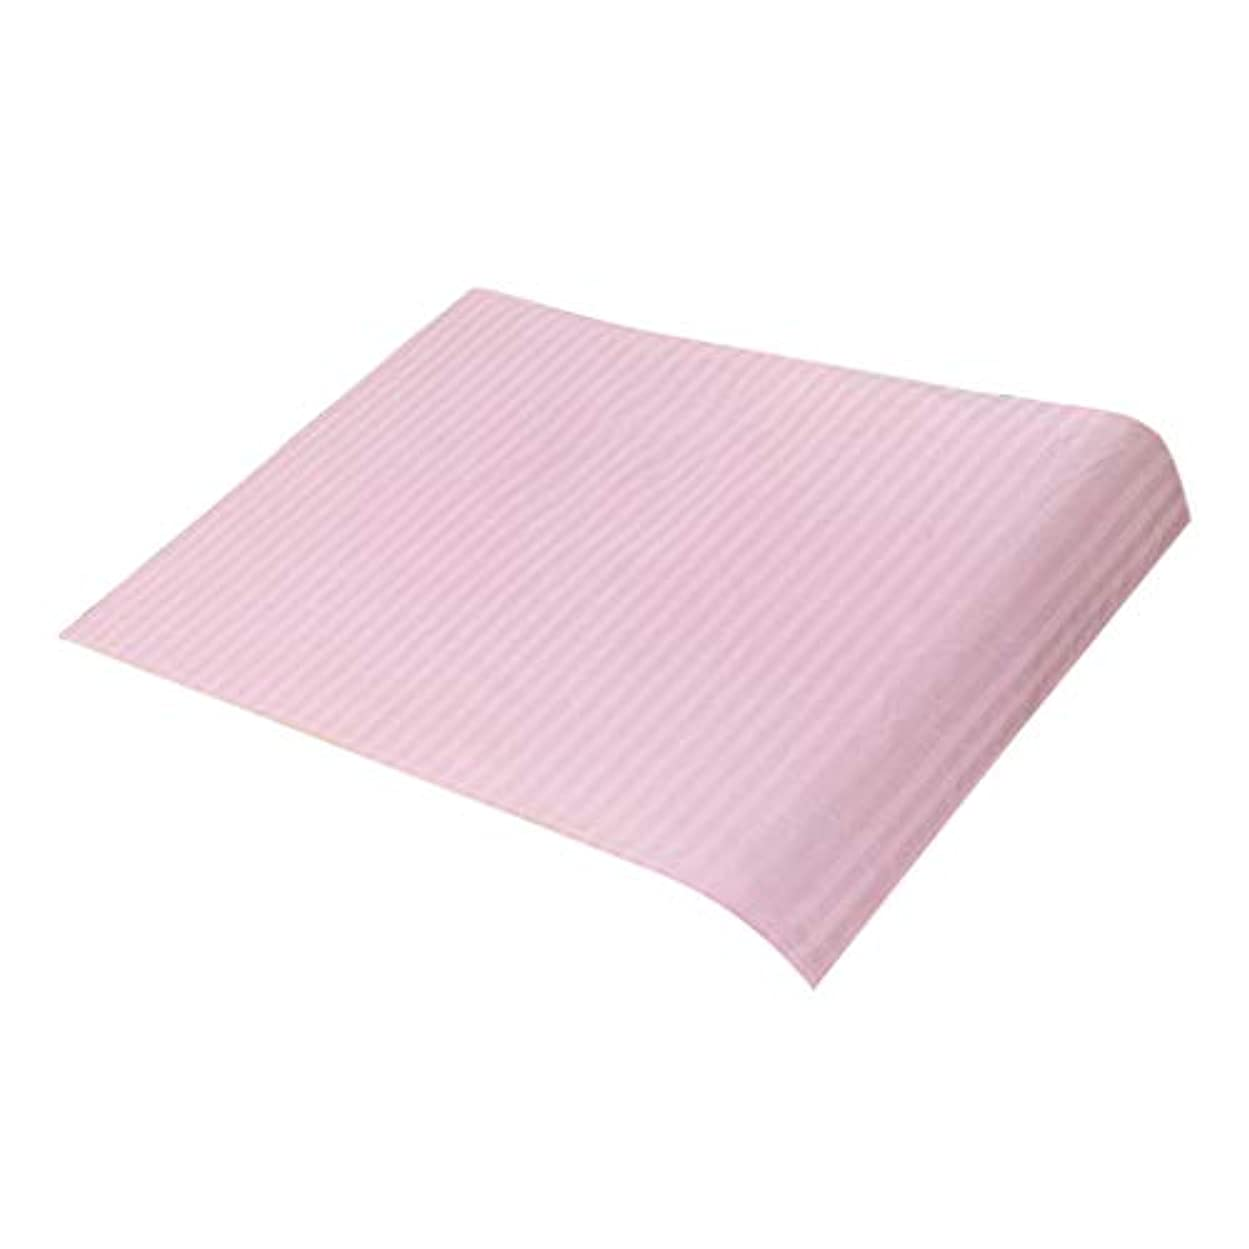 東いいね平日マッサージベッドカバー 美容ベッドカバー スパ マッサージテーブルスカート 綿素材 断面デザイン - ピンク